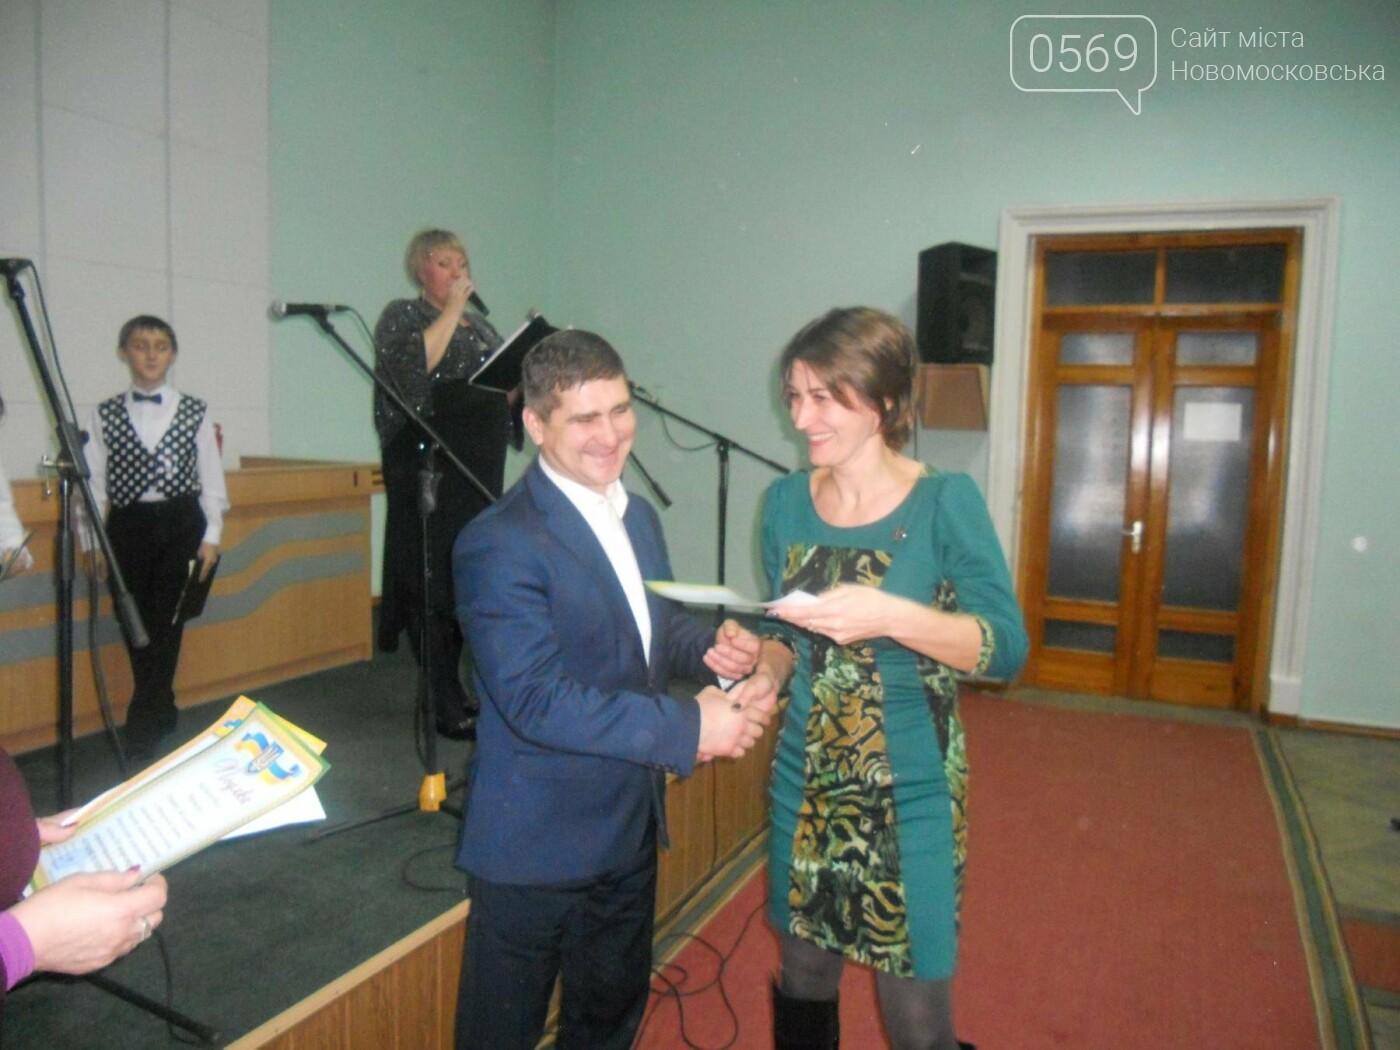 В Новомосковську назвали імена переможців  фестивалю «Діамантова нотка», фото-12